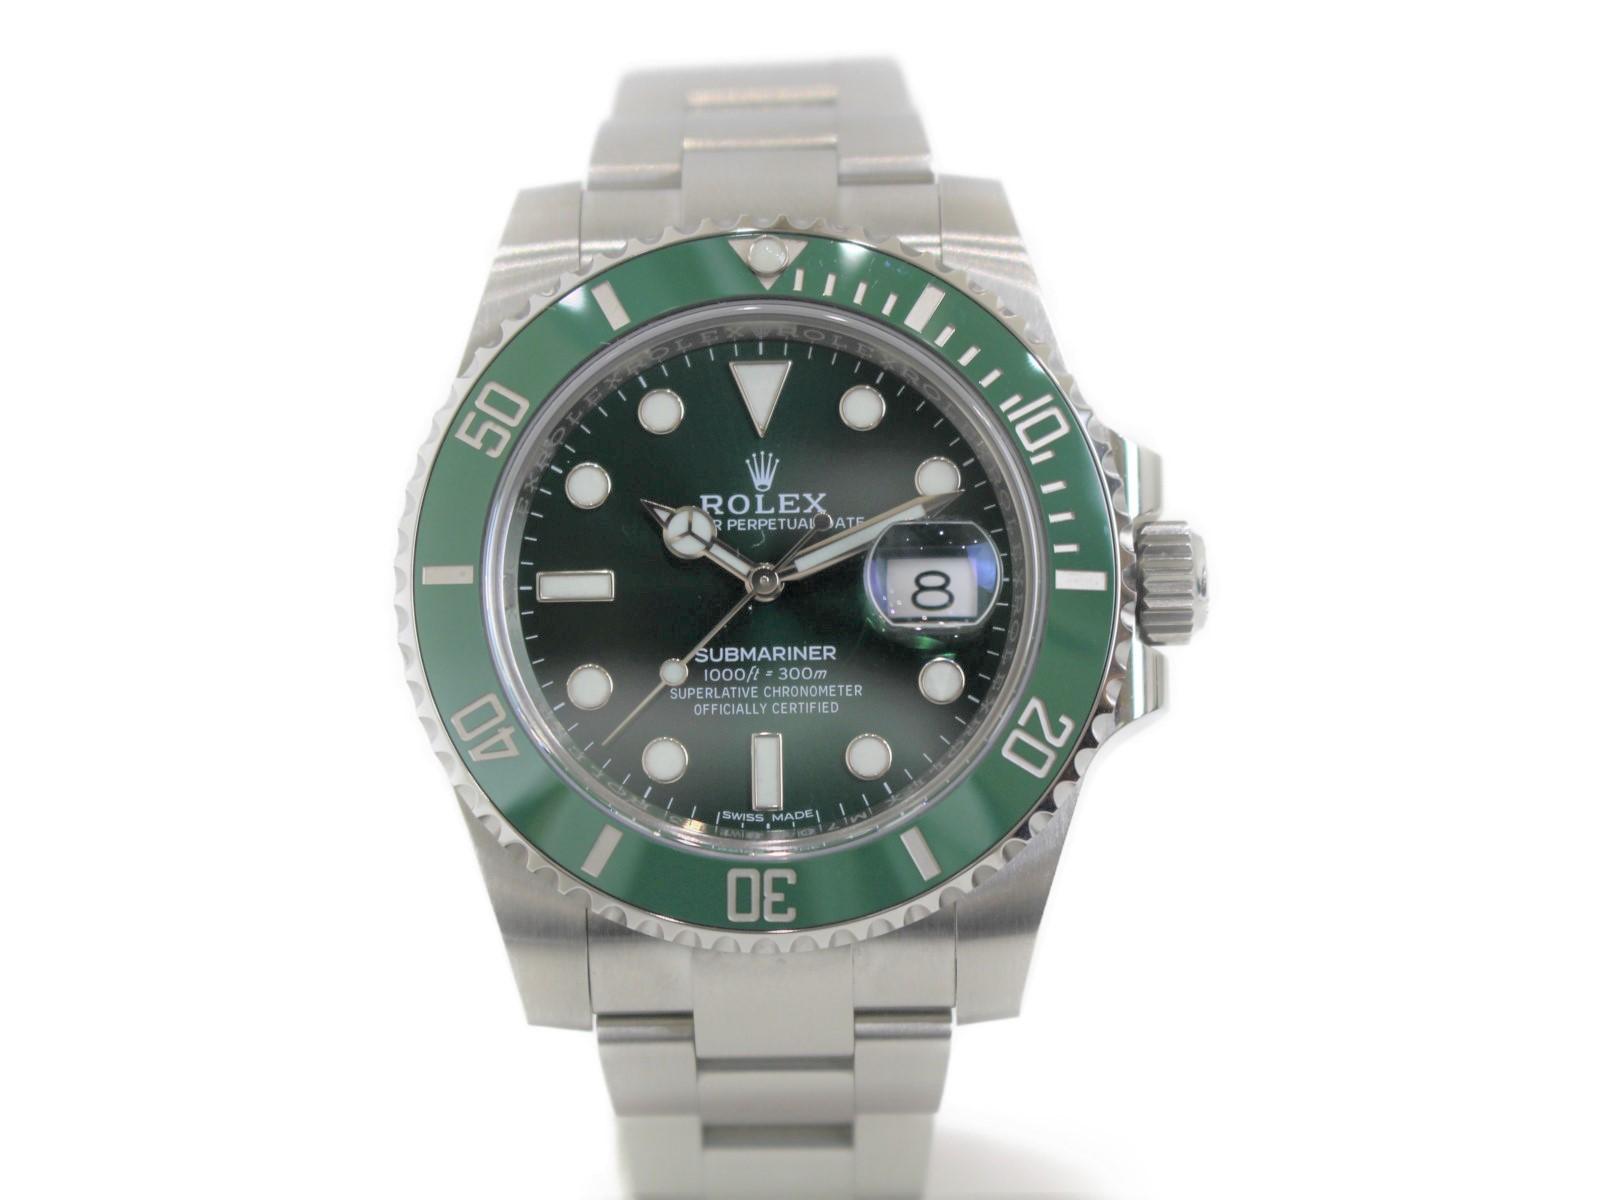 【ギャラあり】ROLEX サブマリーナーデイト 116610LV グリーンサブ 緑サブ ランダム SS ステンレススチール 自動巻きグリーン メンズ ウィメンズ 腕時計【中古】